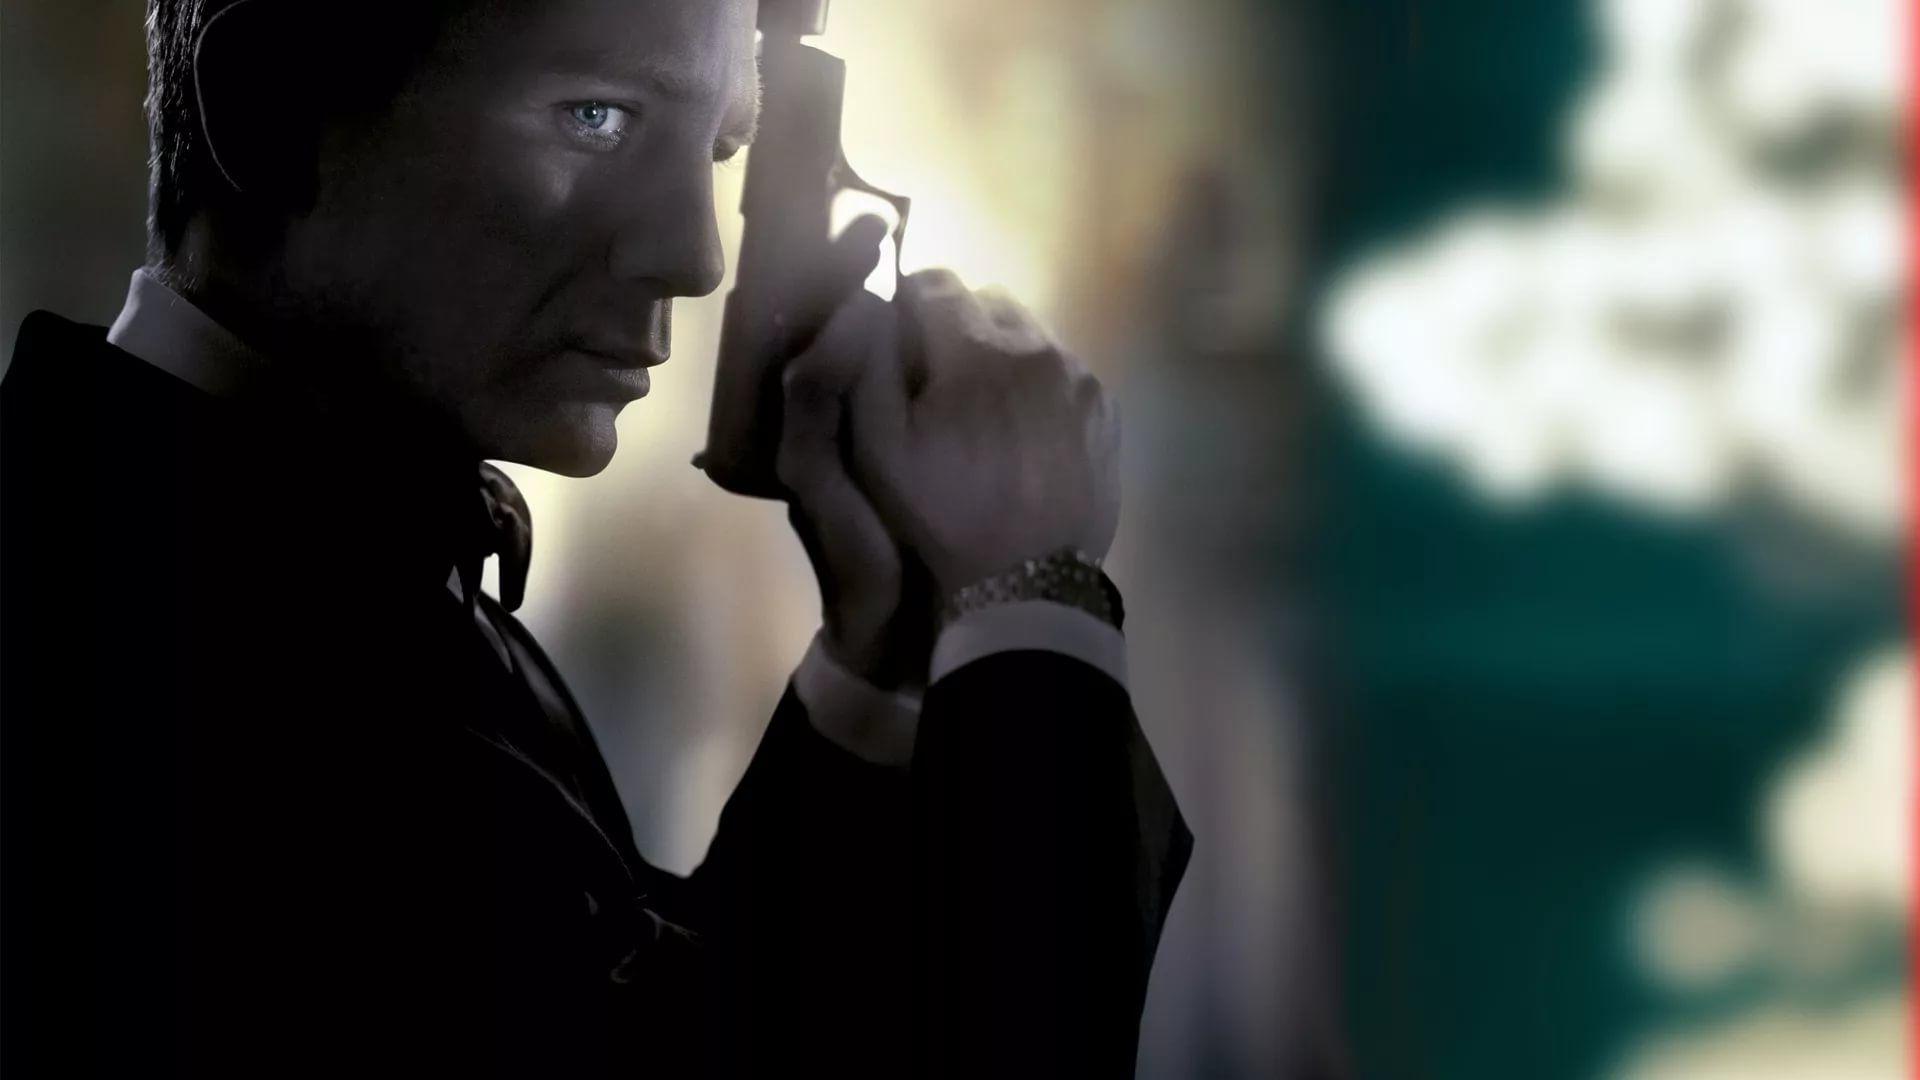 James Bond full hd wallpaper for laptop